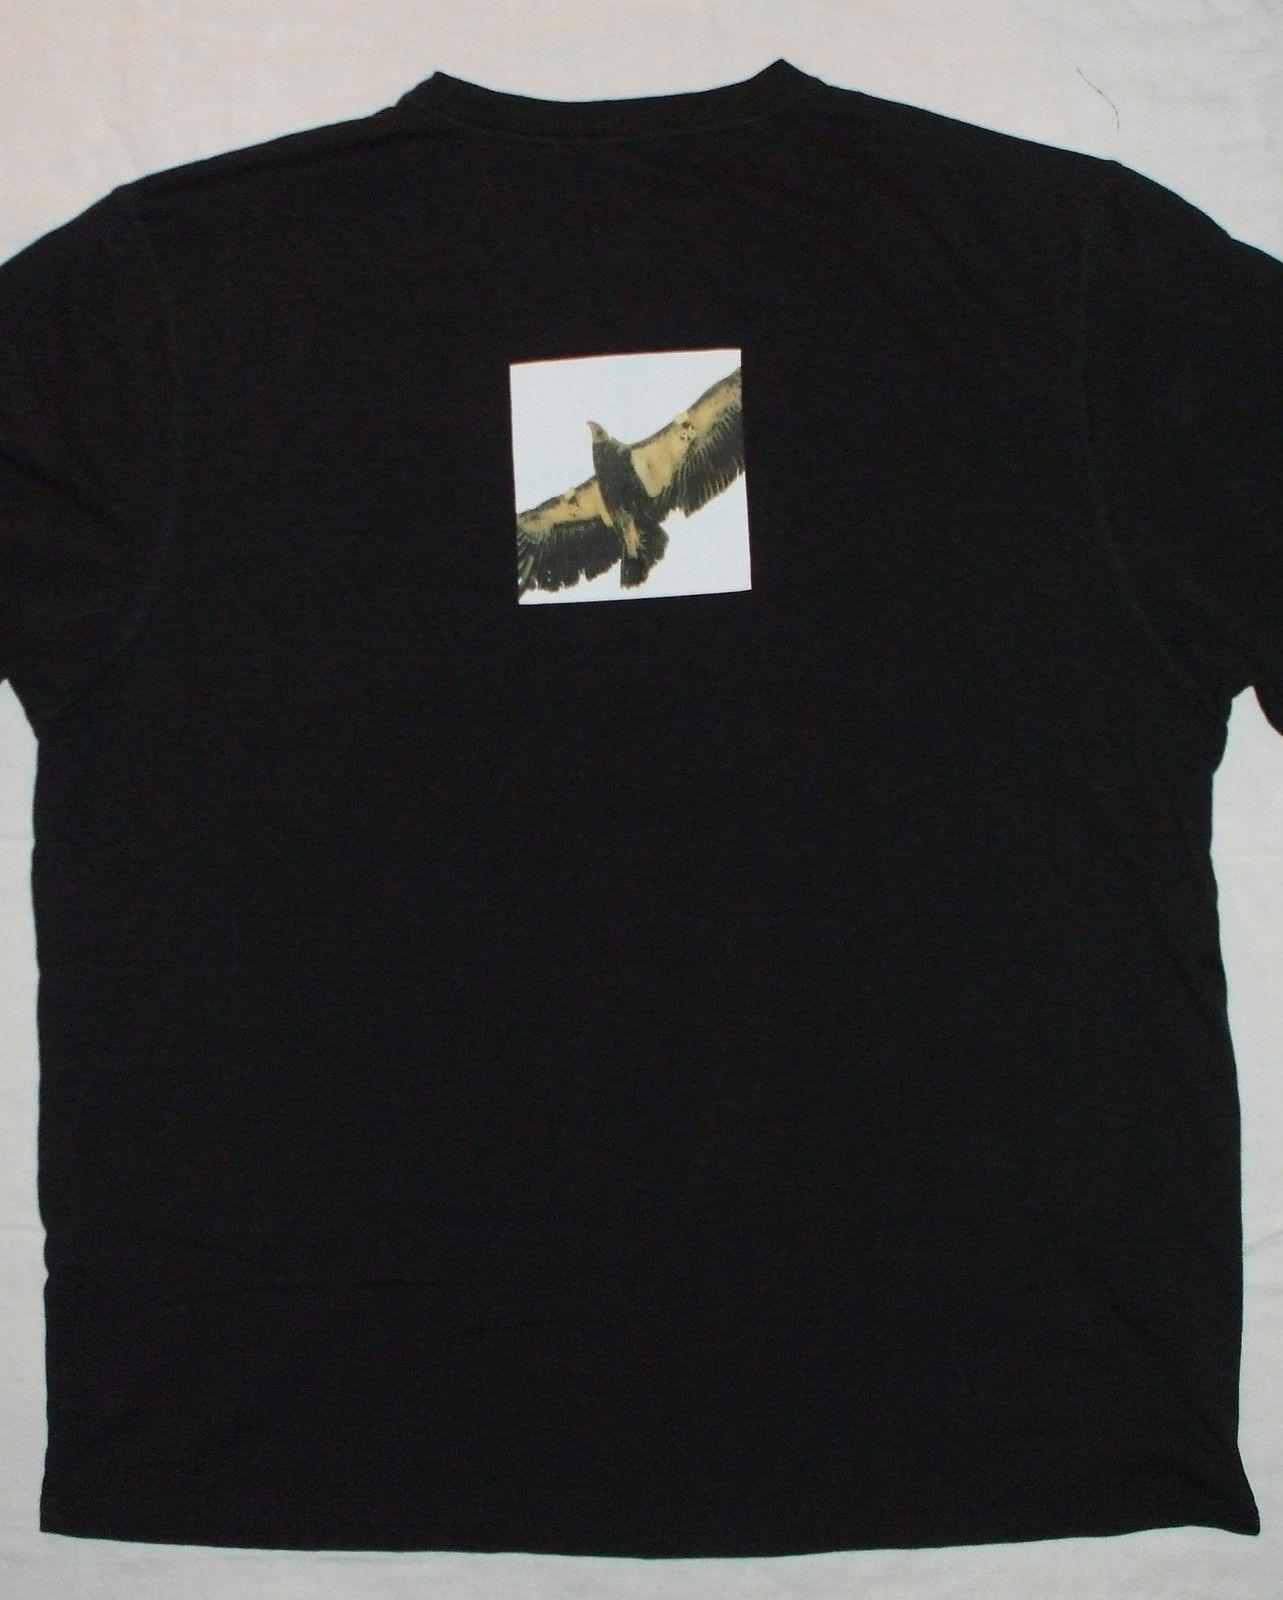 California Condor Endangered Bird Black T-Shirt Peregrine Cotton Crewneck  XL